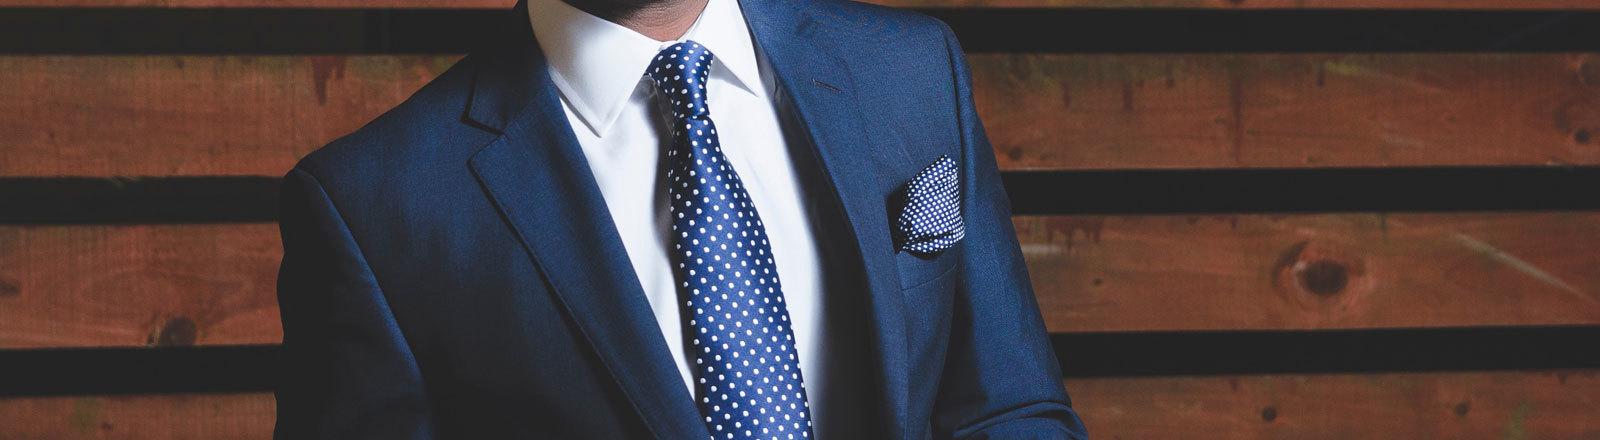 Mann mit Anzug und Krawatte